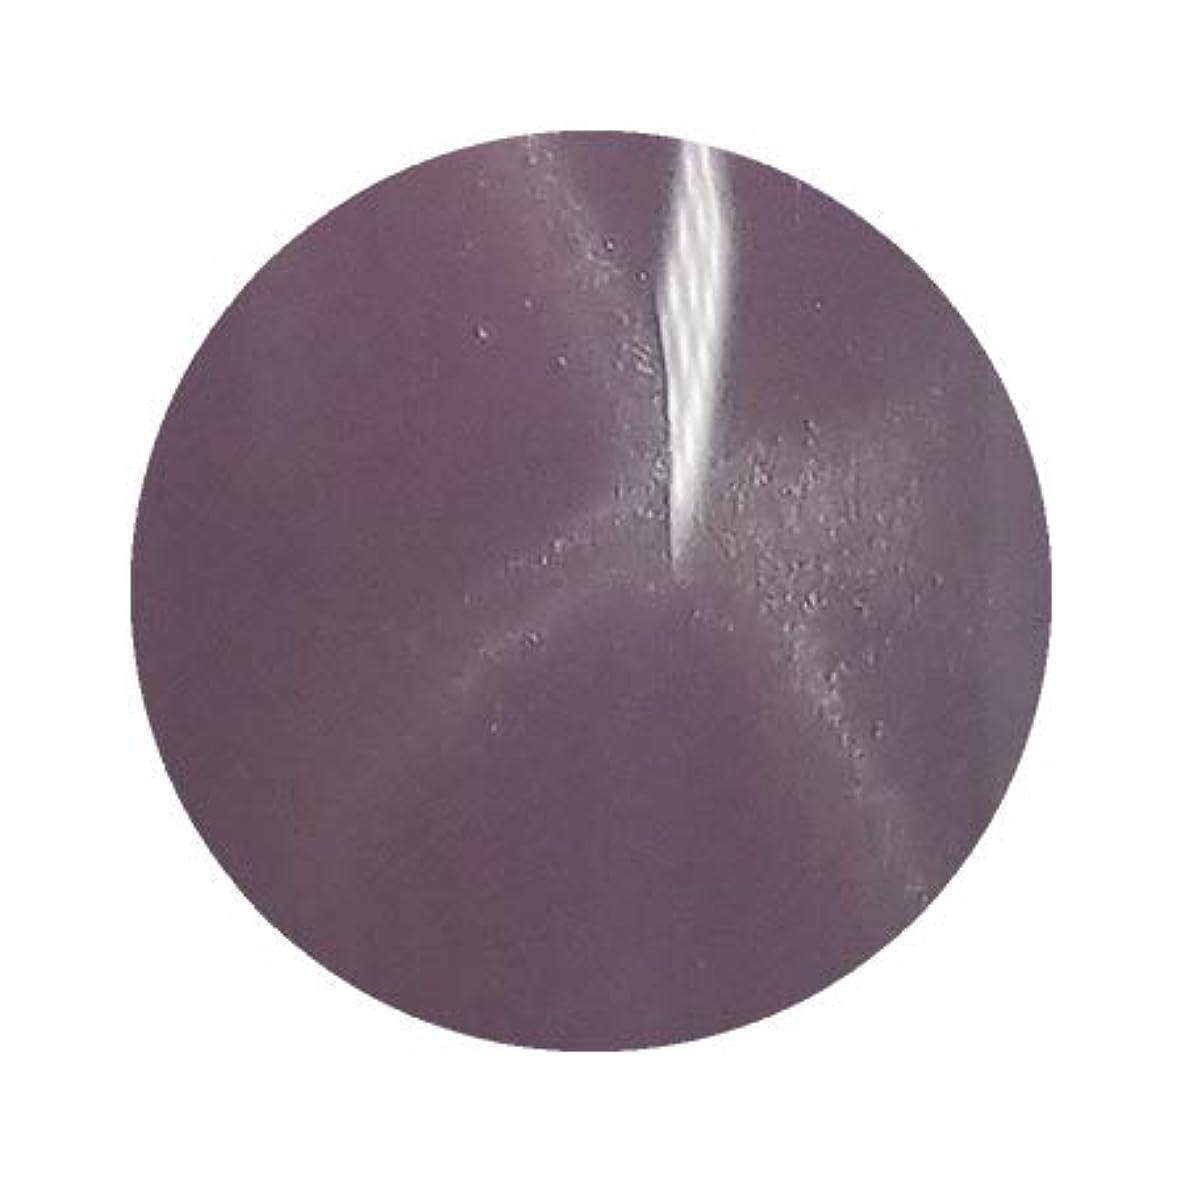 新鮮な主張する膜アイスジェル A BLACK ダブルギャラクシージェル DG-1117 キャッツアイロイヤルパープル 3g